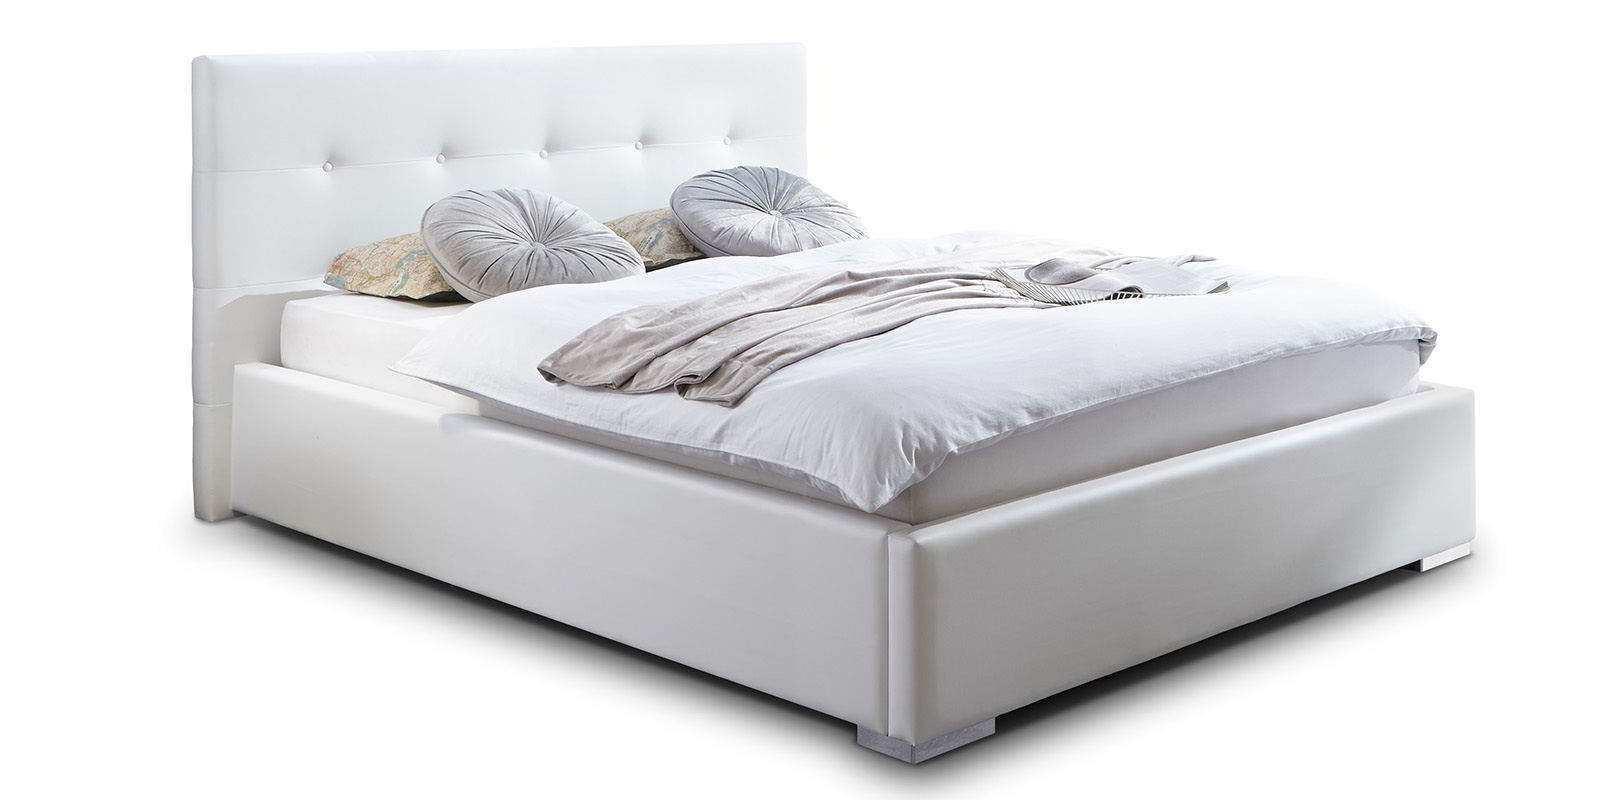 Full Size of Betten Holz Bett überlänge Weiß 90x200 140x200 Günstig Mit Lattenrost Schlafzimmer überbau Mädchen Matratze Und Bette Floor Schubladen 160x200 Stauraum Bett Bett Mit Bettkasten 160x200